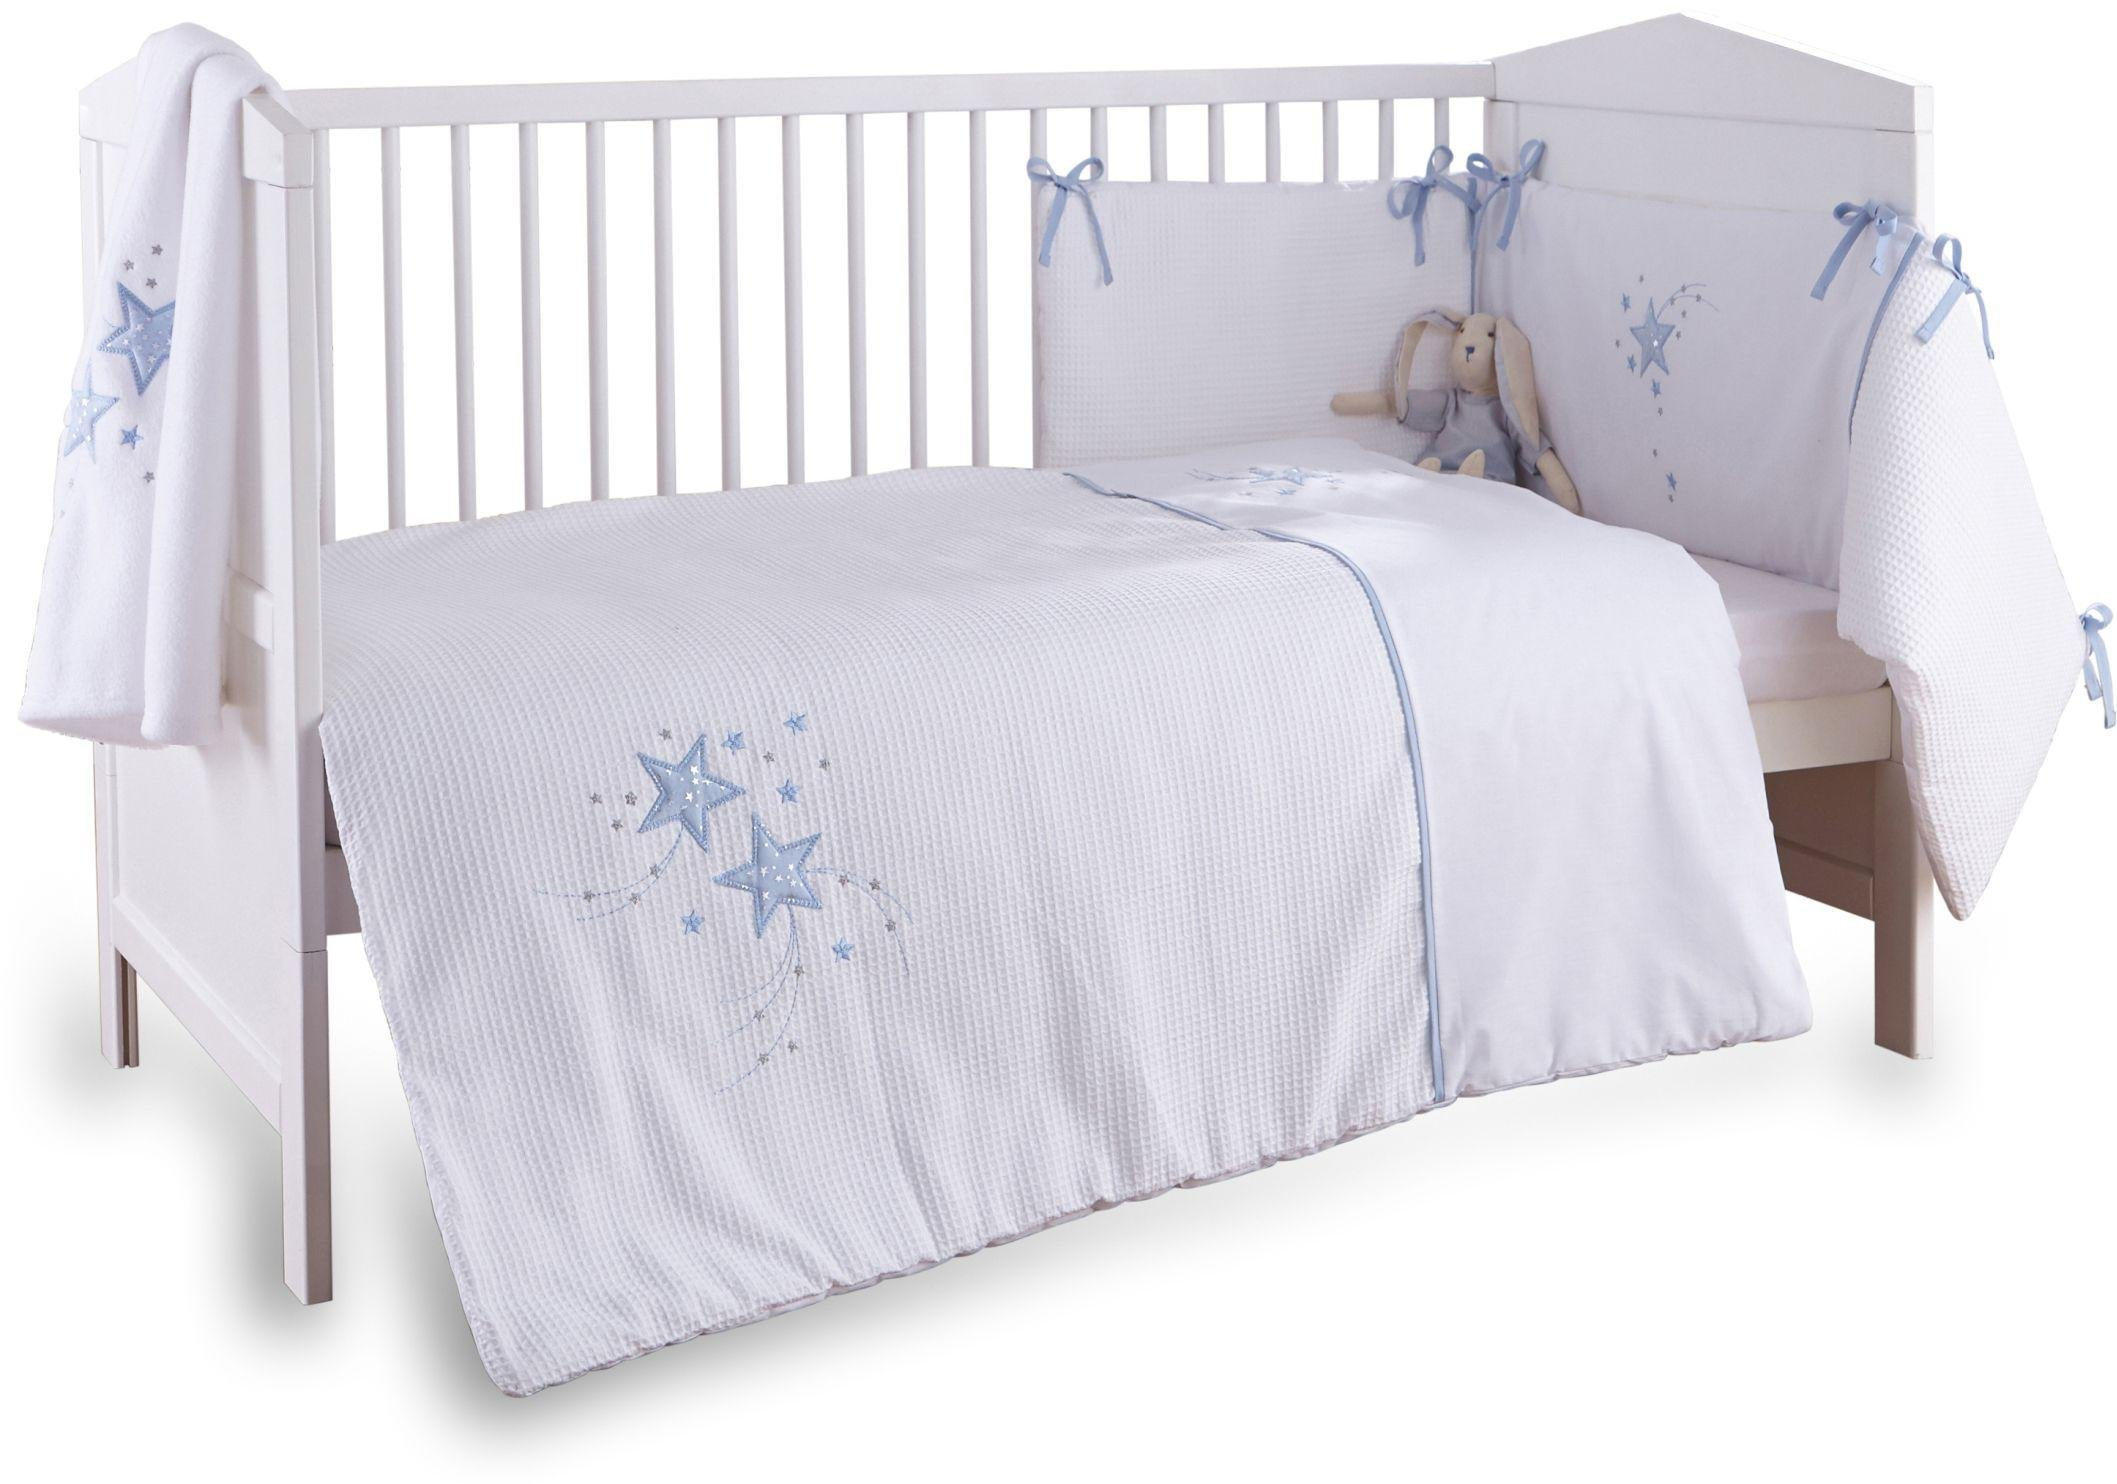 Clair de Lune Stardust 3 Piece Cot/Cot Bed Set - Blue Trim